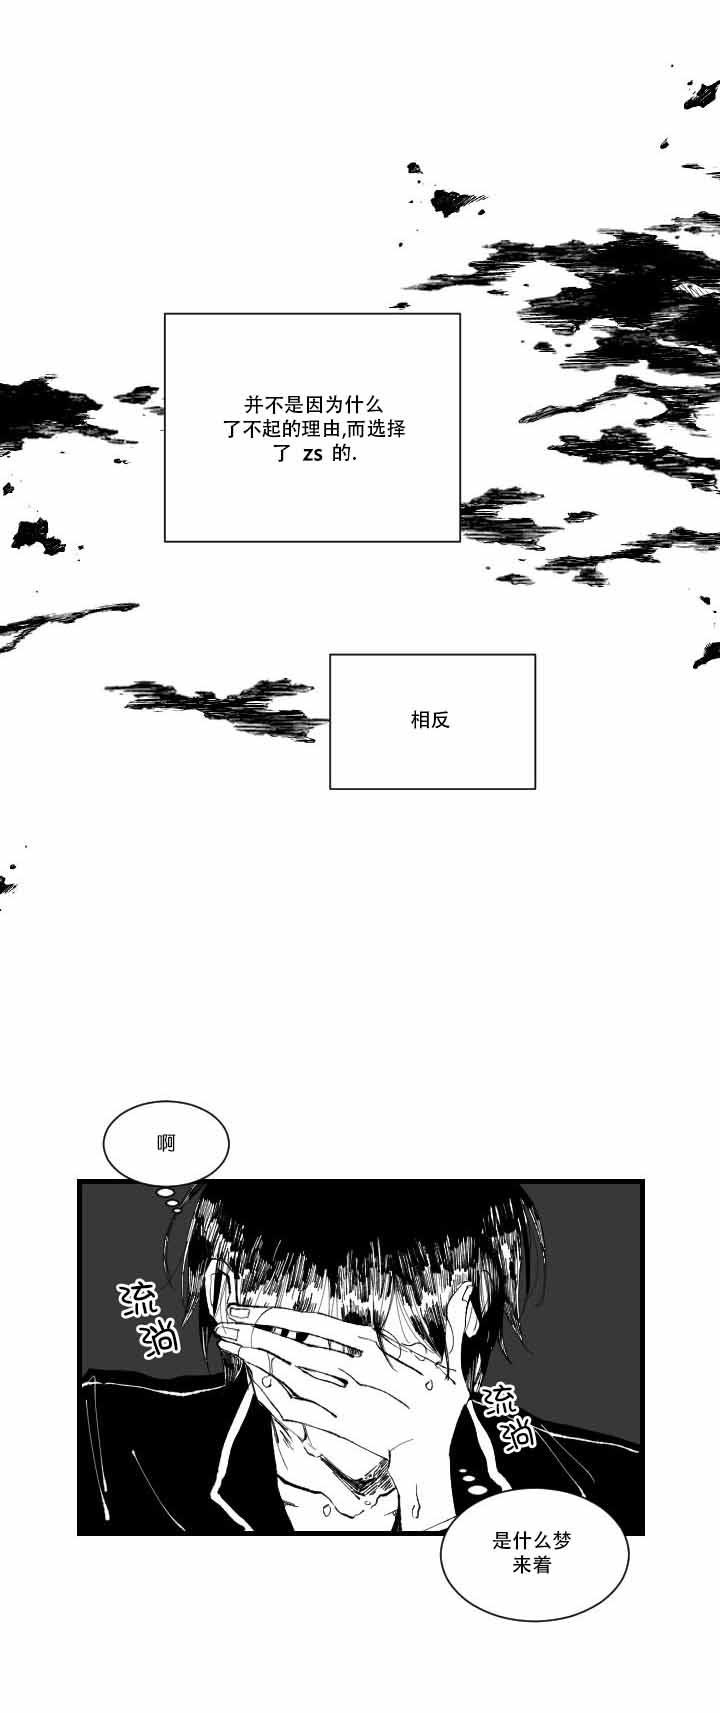 二月的毕业礼-BL耽美漫画汉化 完整版阅读首发-啵乐漫画